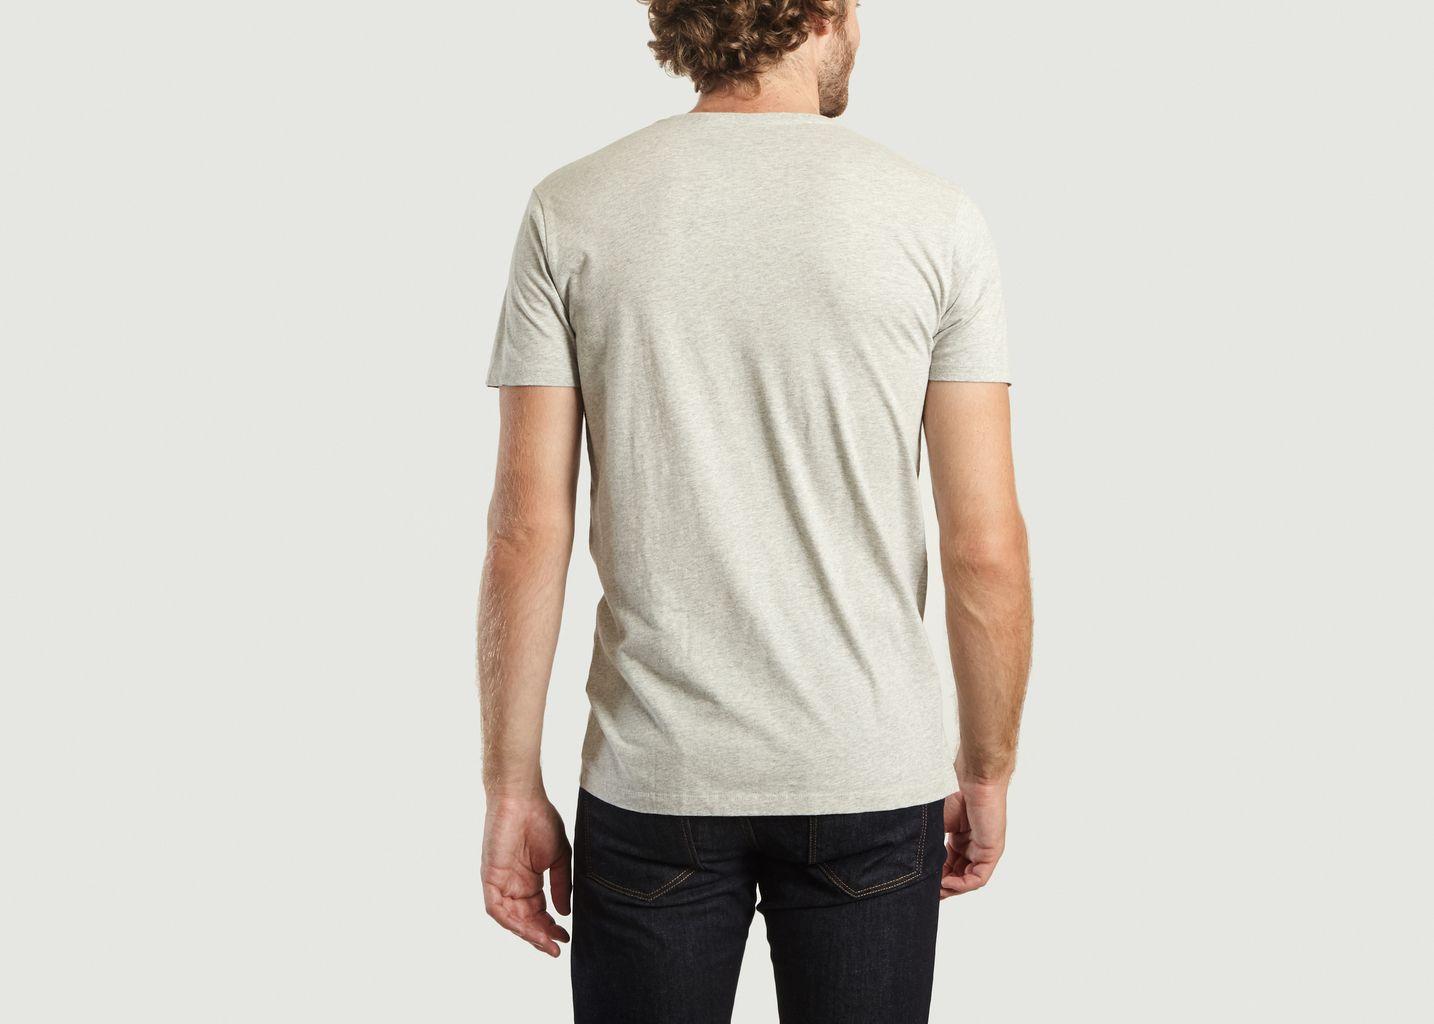 T-shirt CDP Familles - Commune de Paris